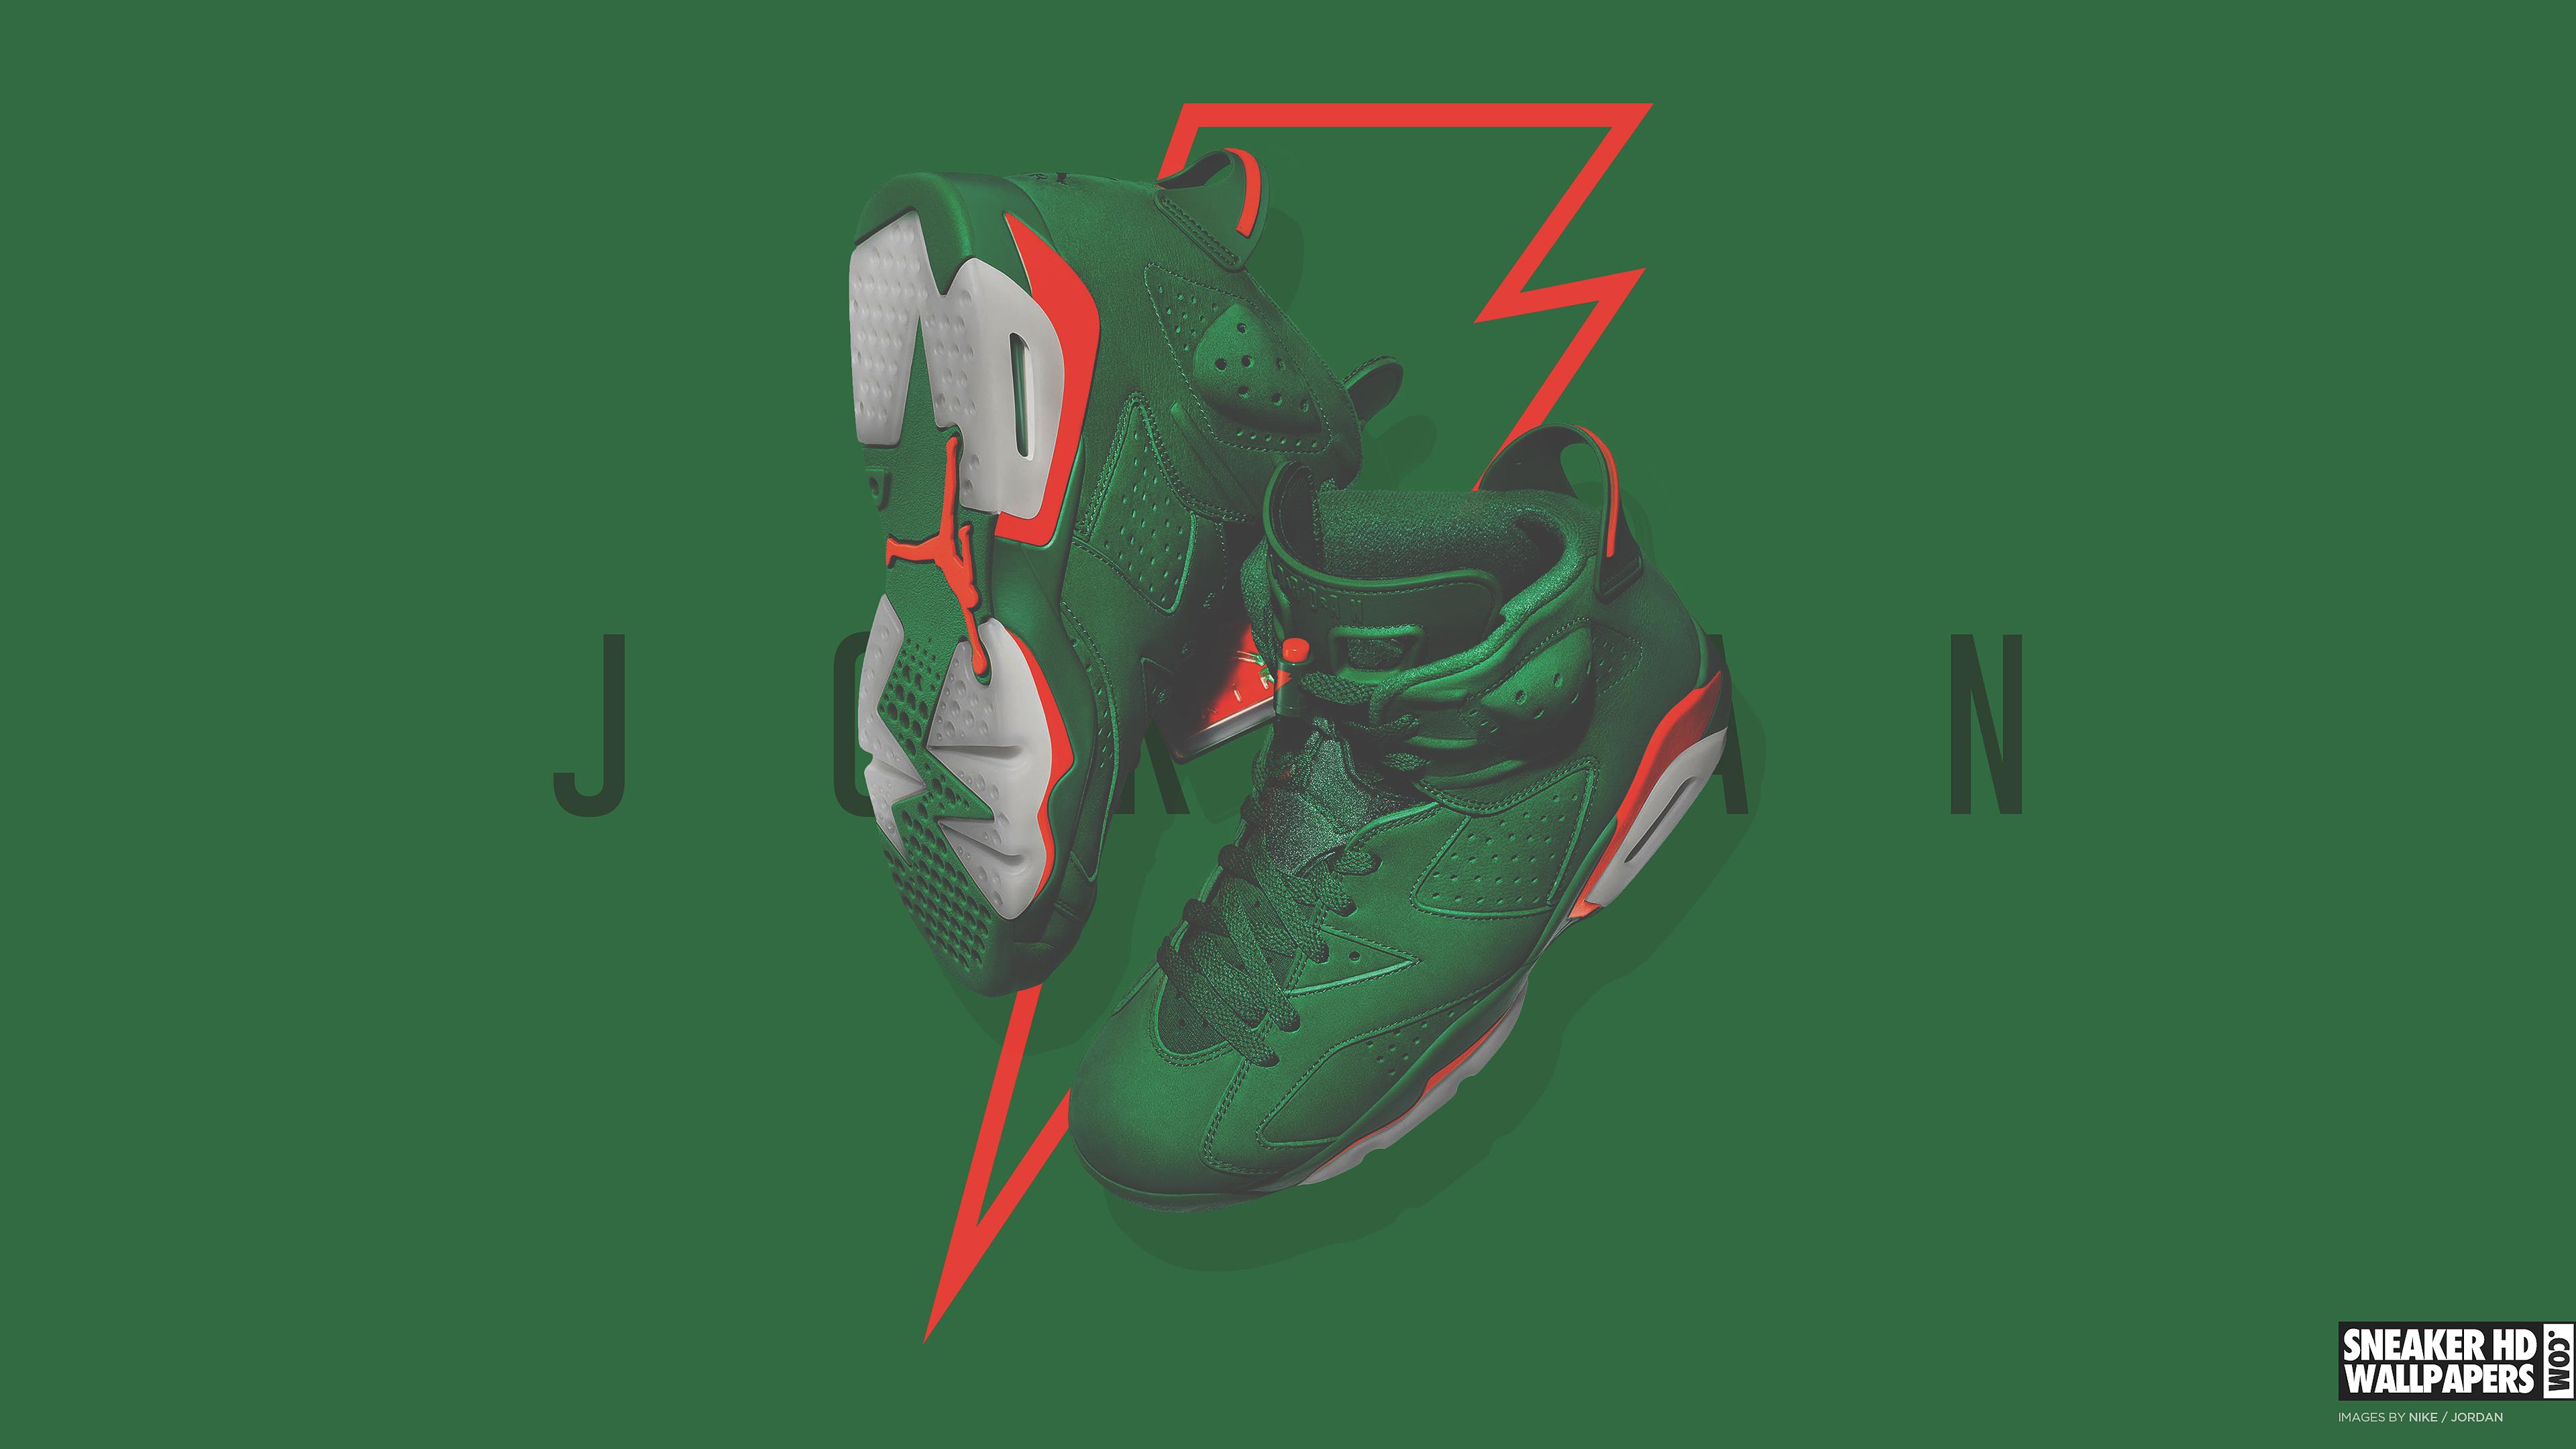 Sneakerhdwallpapers Com Your Favorite Sneakers In 4k Retina Mobile And Hd Wallpaper Resolutions Blog Archive New Air Jordan 6 Retro Gatorade Wallpaper Sneakerhdwallpapers Com Your Favorite Sneakers In 4k Retina